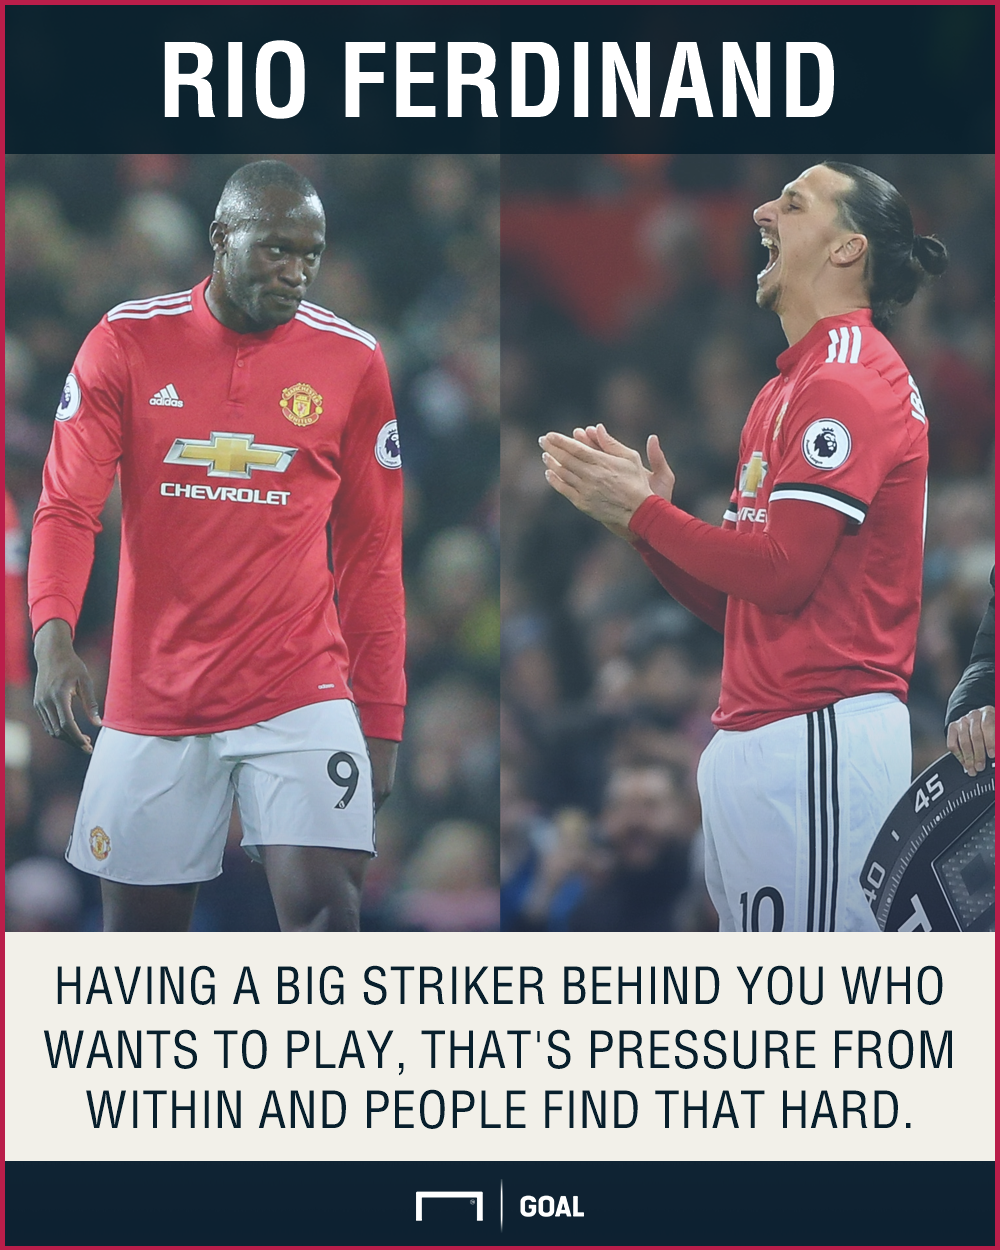 Romelu Lukakau Zlatan Ibrahimovic pressure Rio Ferdinand